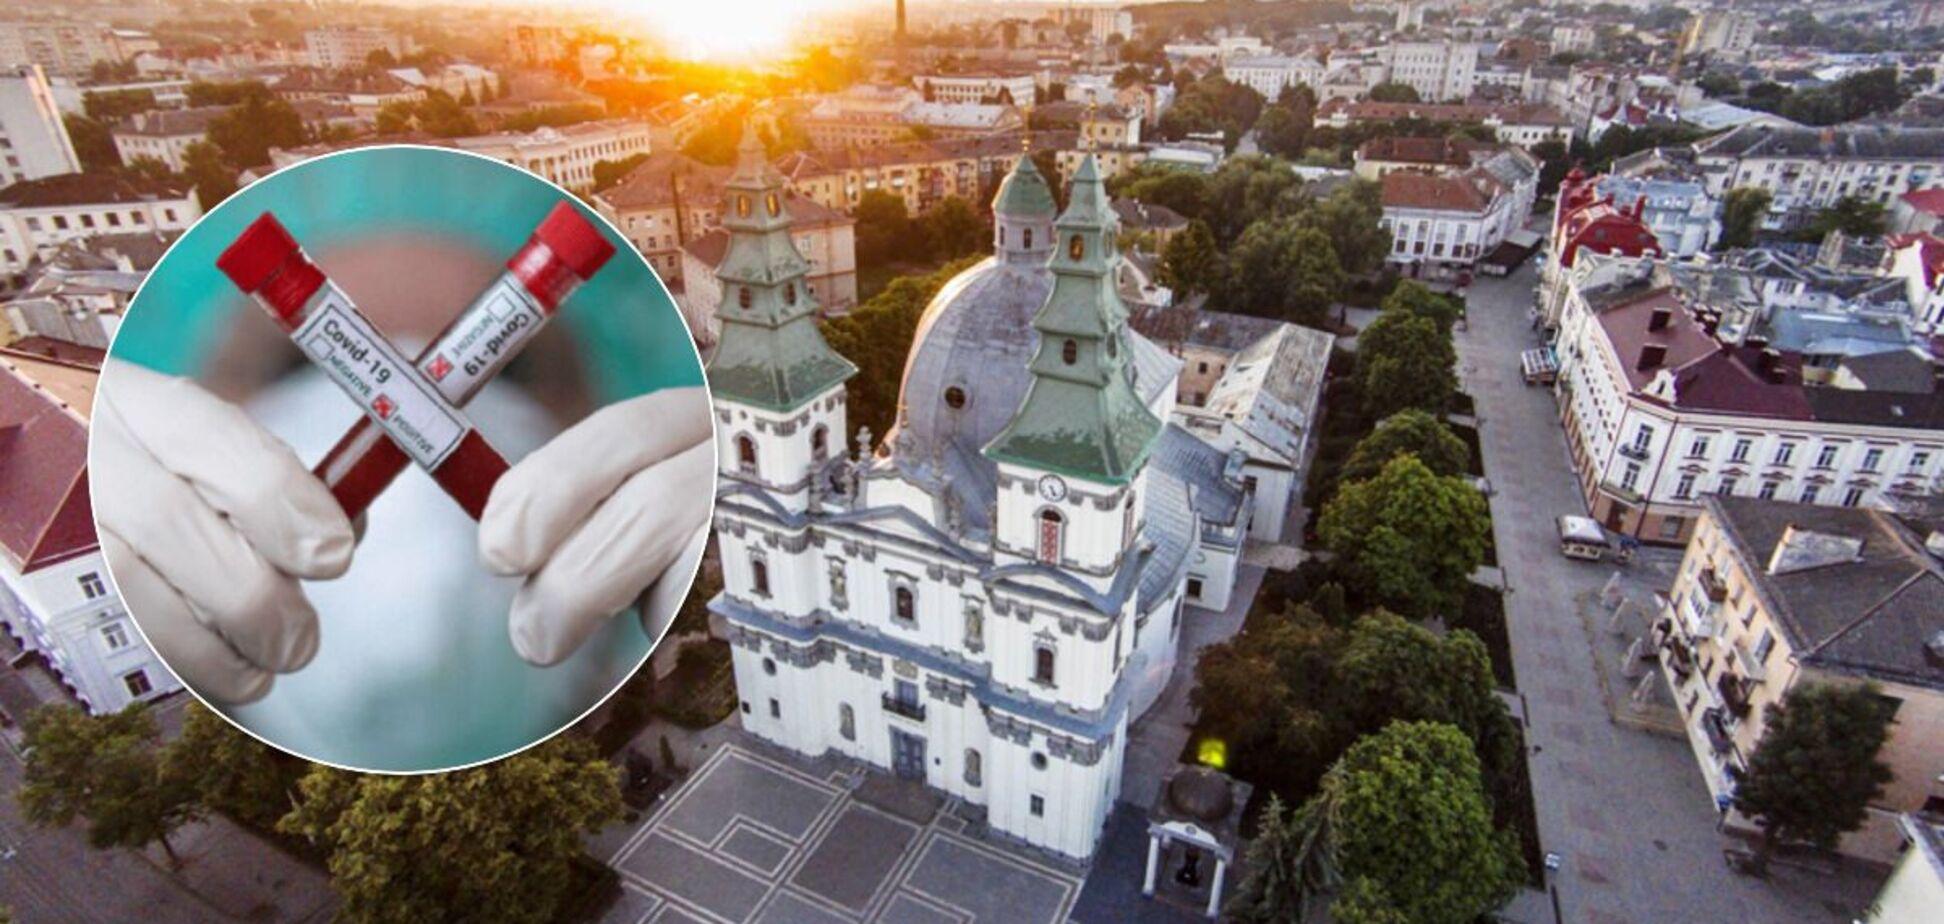 Очереди в магазинах, переполненные больницы и танцы до утра: как в Тернополе наплевали на 'красную зону'